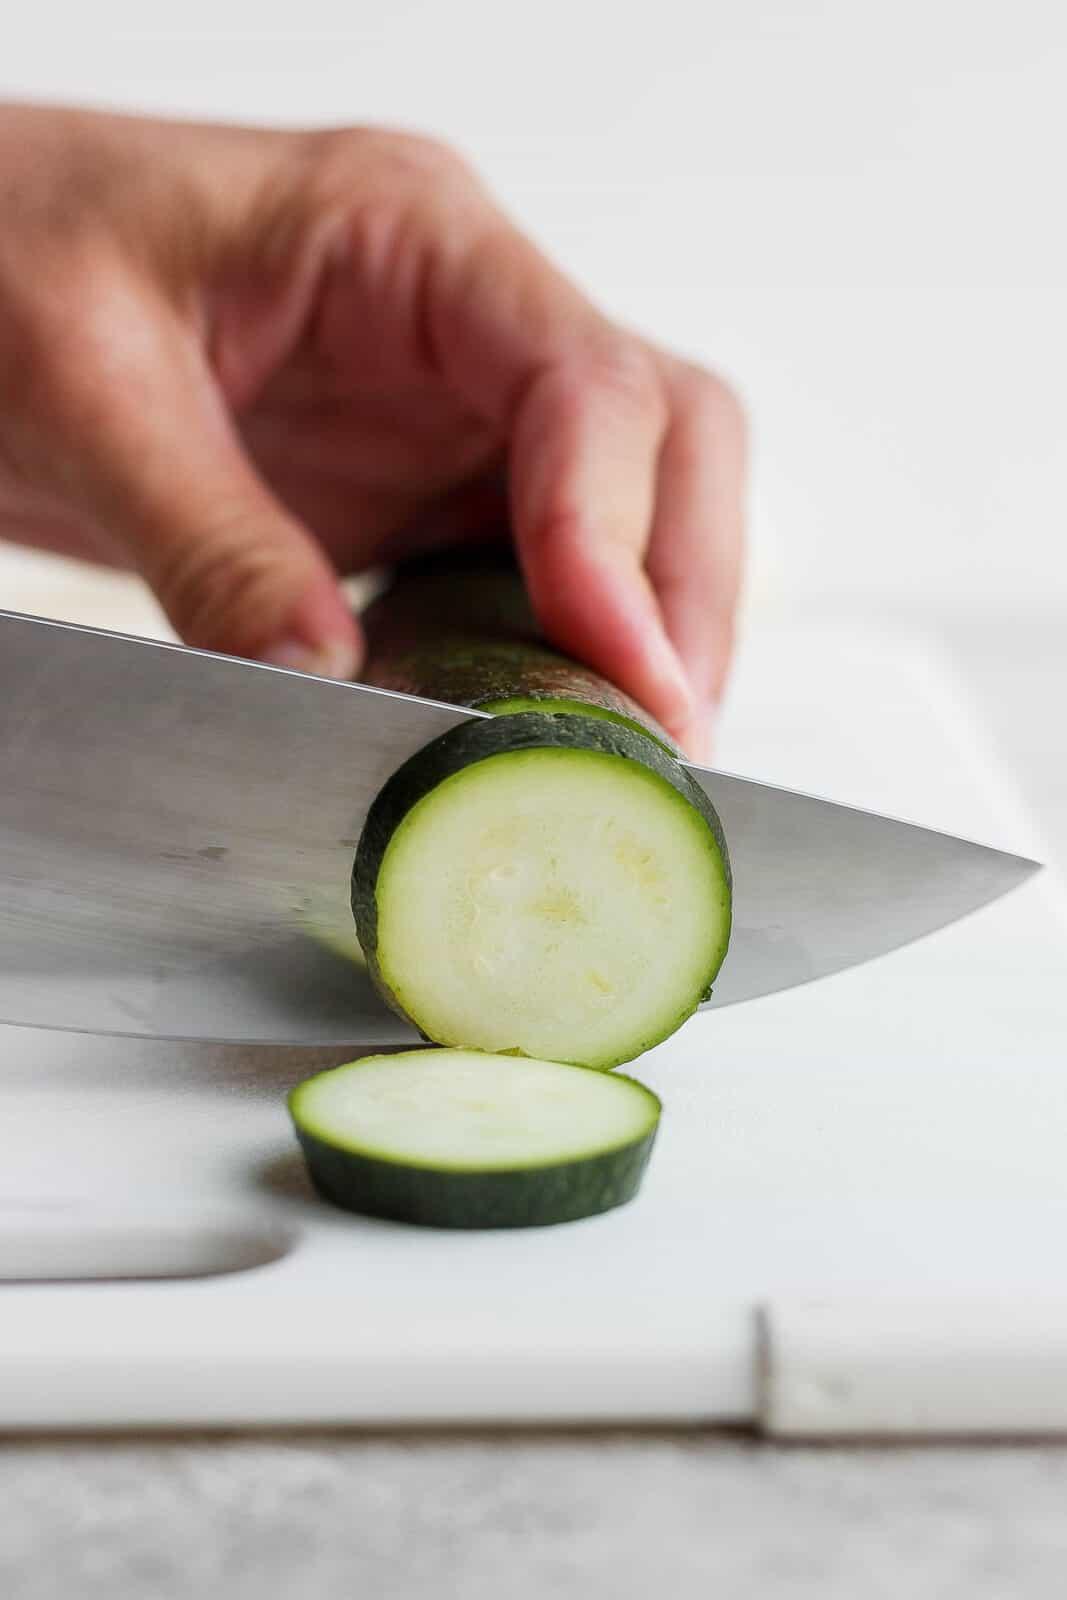 Someone slices a zucchini.